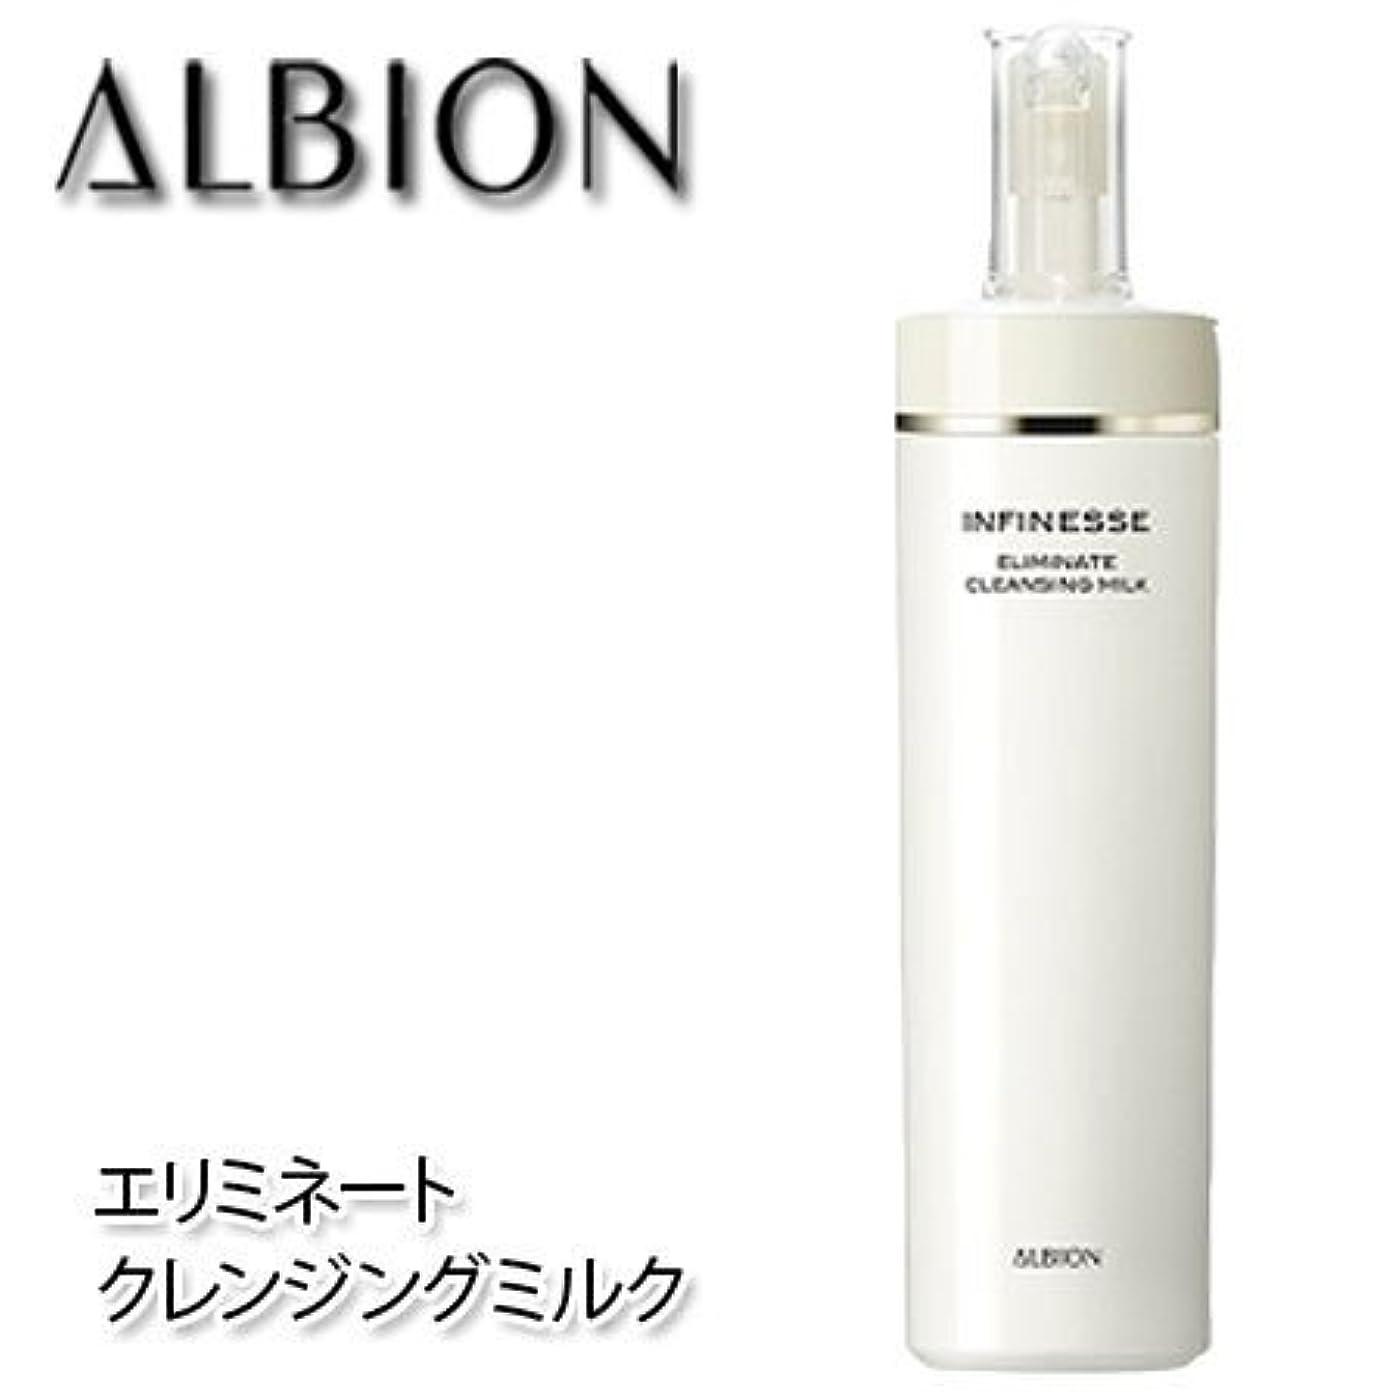 悪魔レギュラー広々アルビオン アンフィネス エリミネート クレンジングミルク 200g-ALBION-